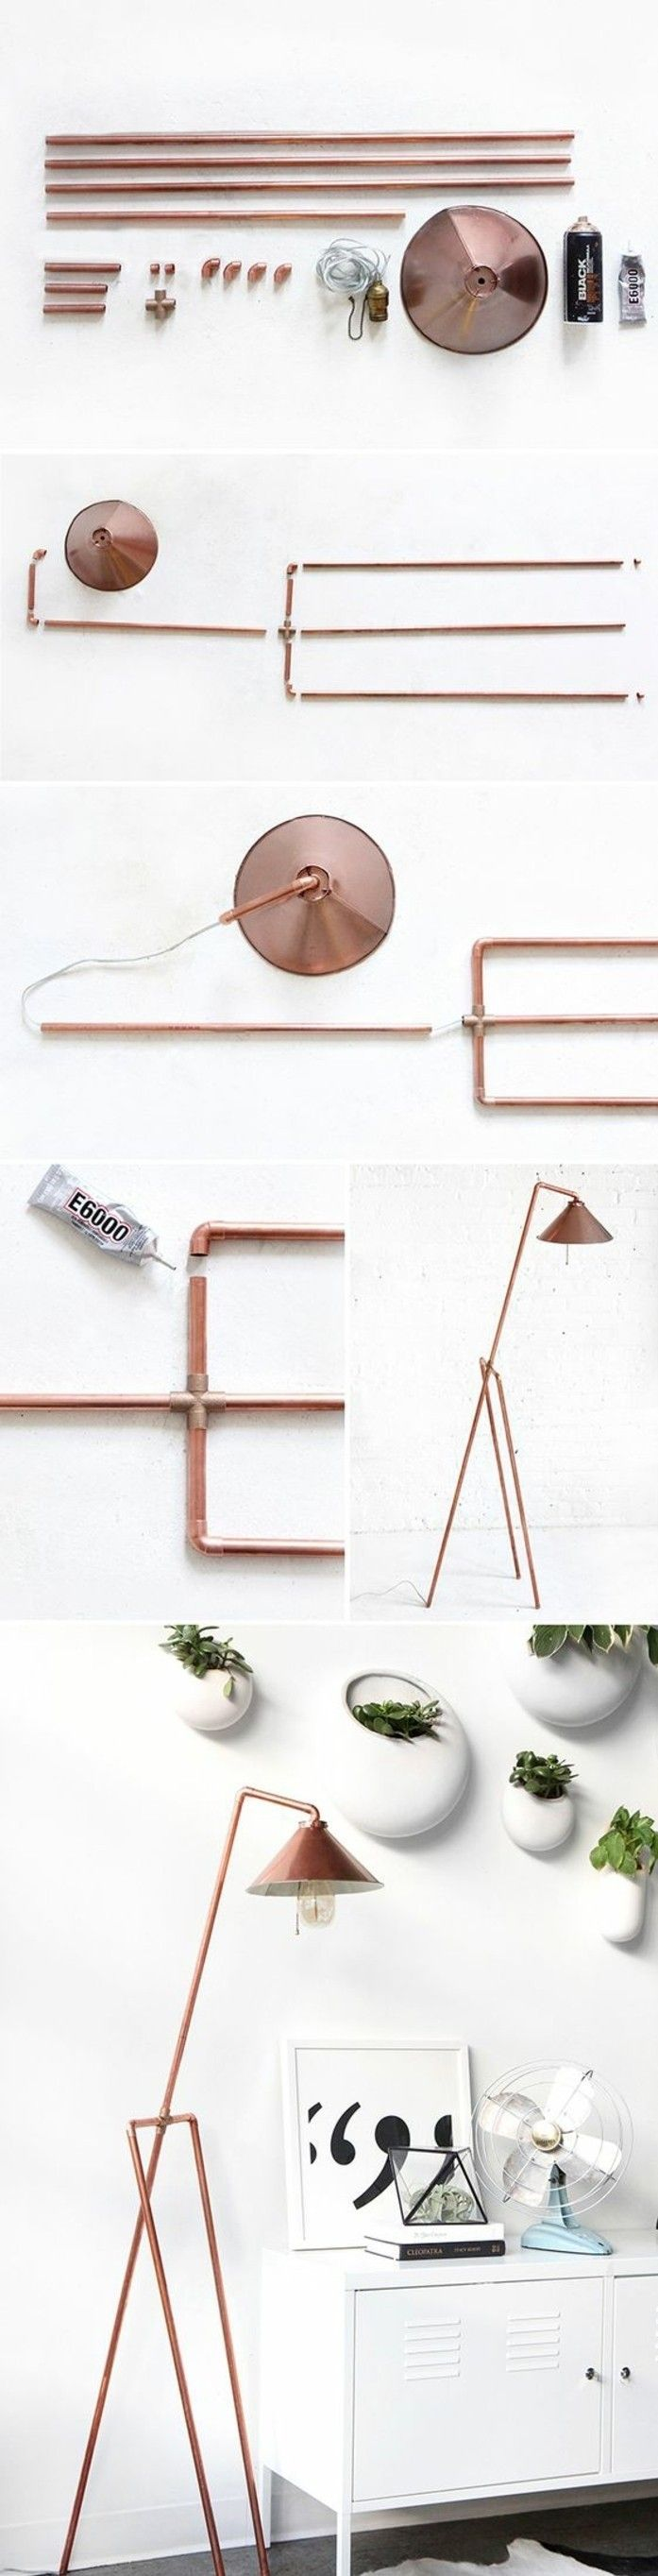 comment bricoler une lampe de chevet en tuyau cuivre, idée diy facile et originale